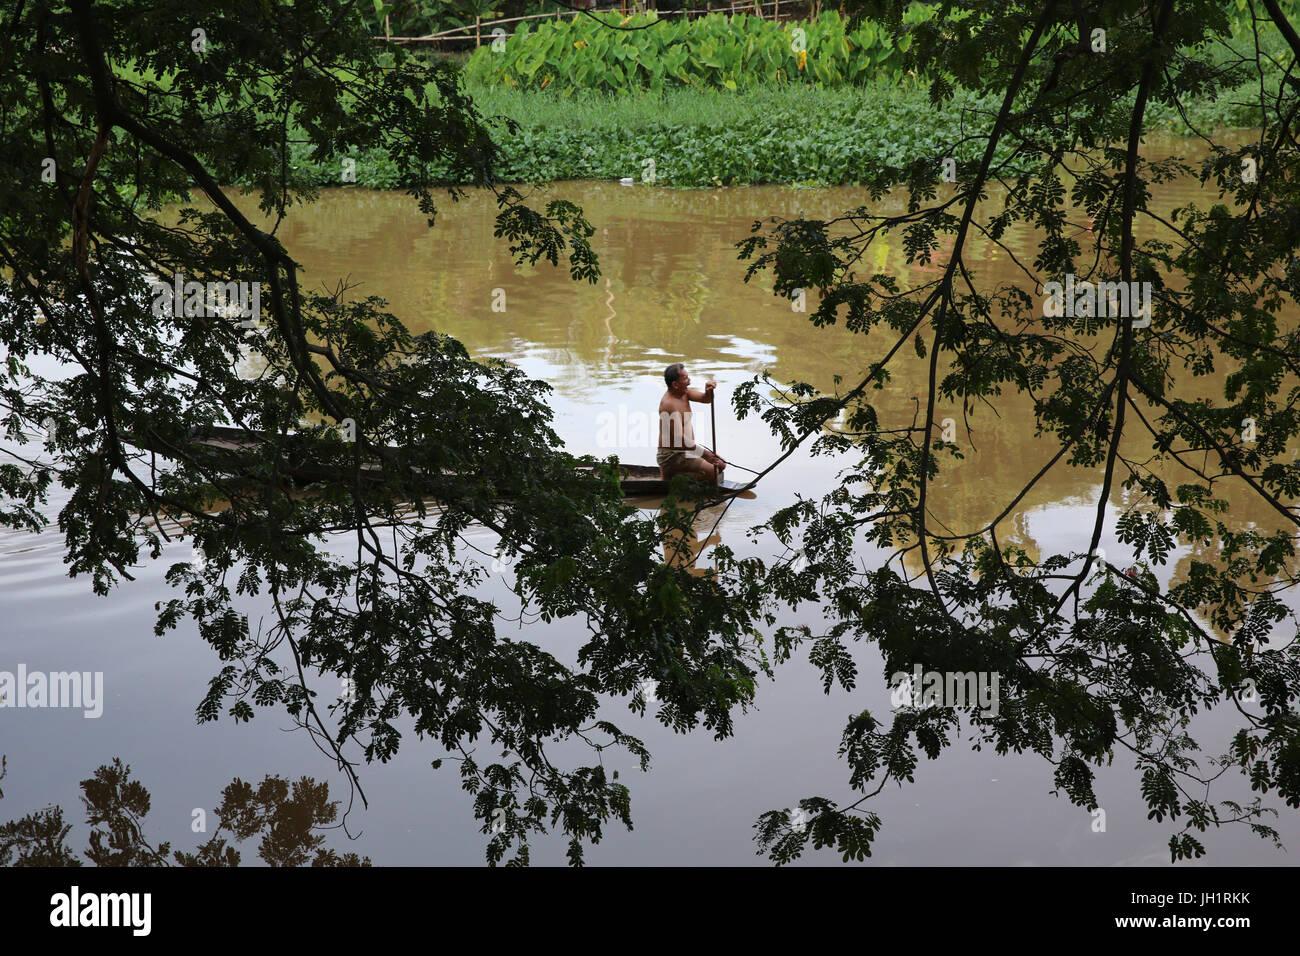 Vogatore sul fiume Ping a Chiang Mai. Thailandia. Immagini Stock